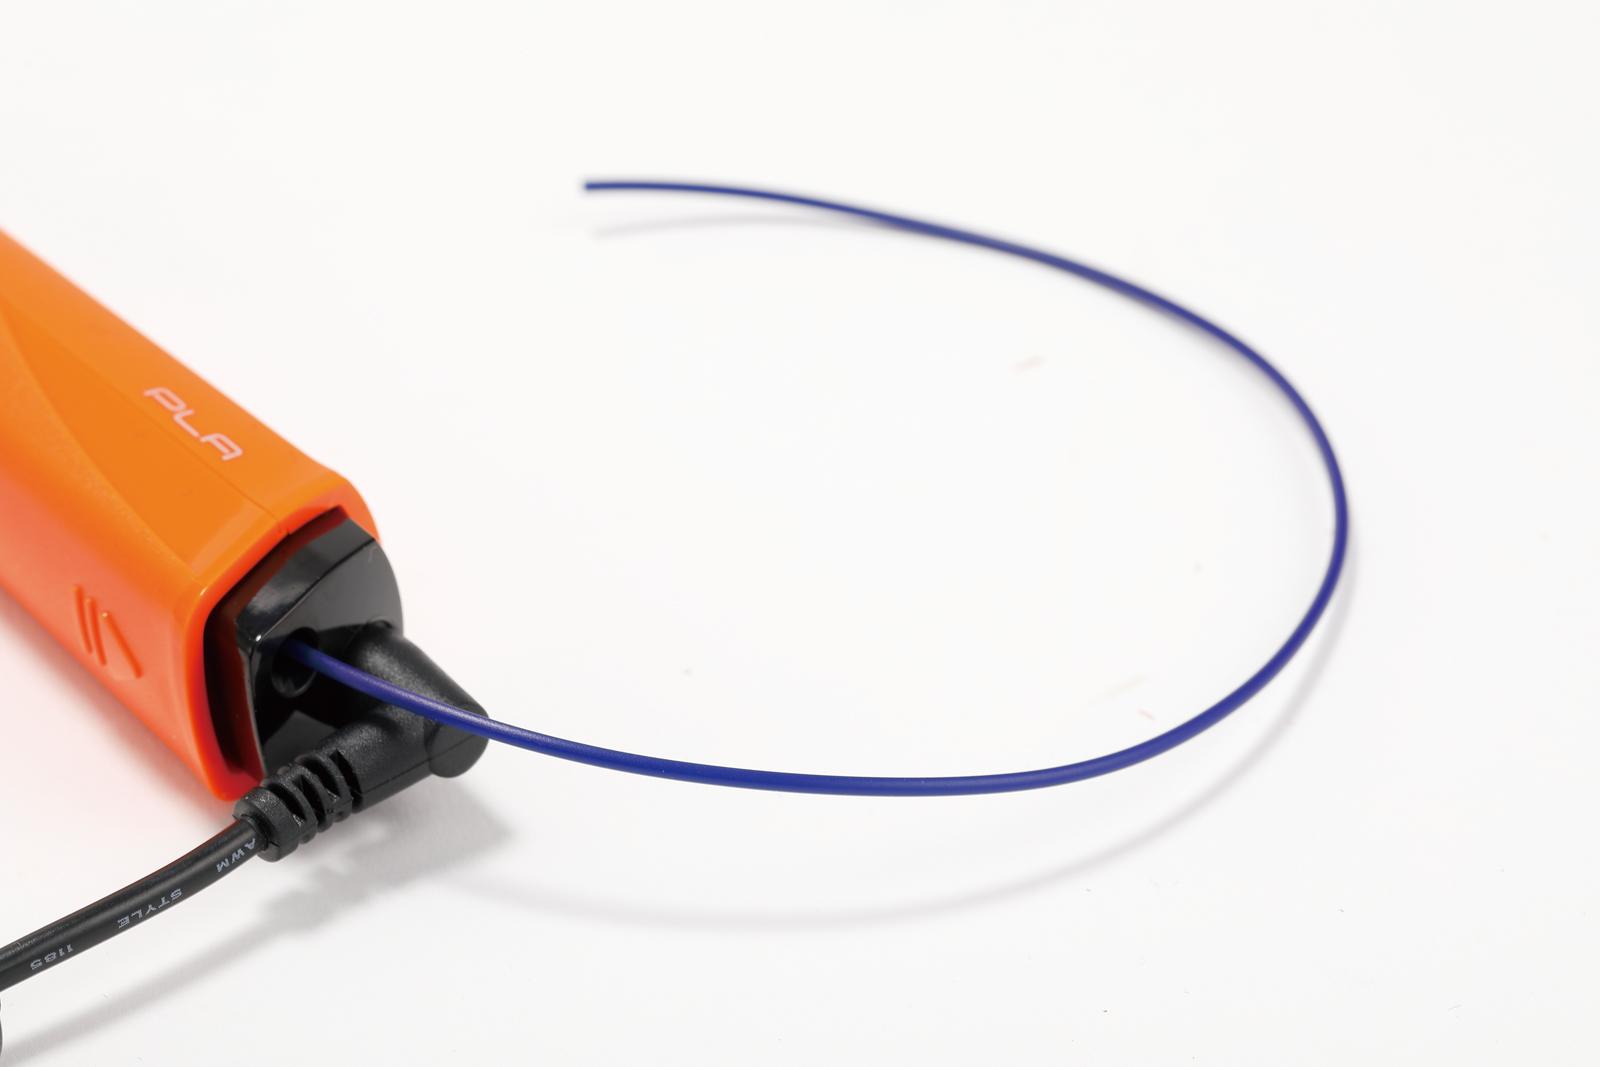 ↑ フィラメントをペンの後端に差し込んで使う。フィラメントの交換は非常にスムーズで、軸内での色混じりも少ない